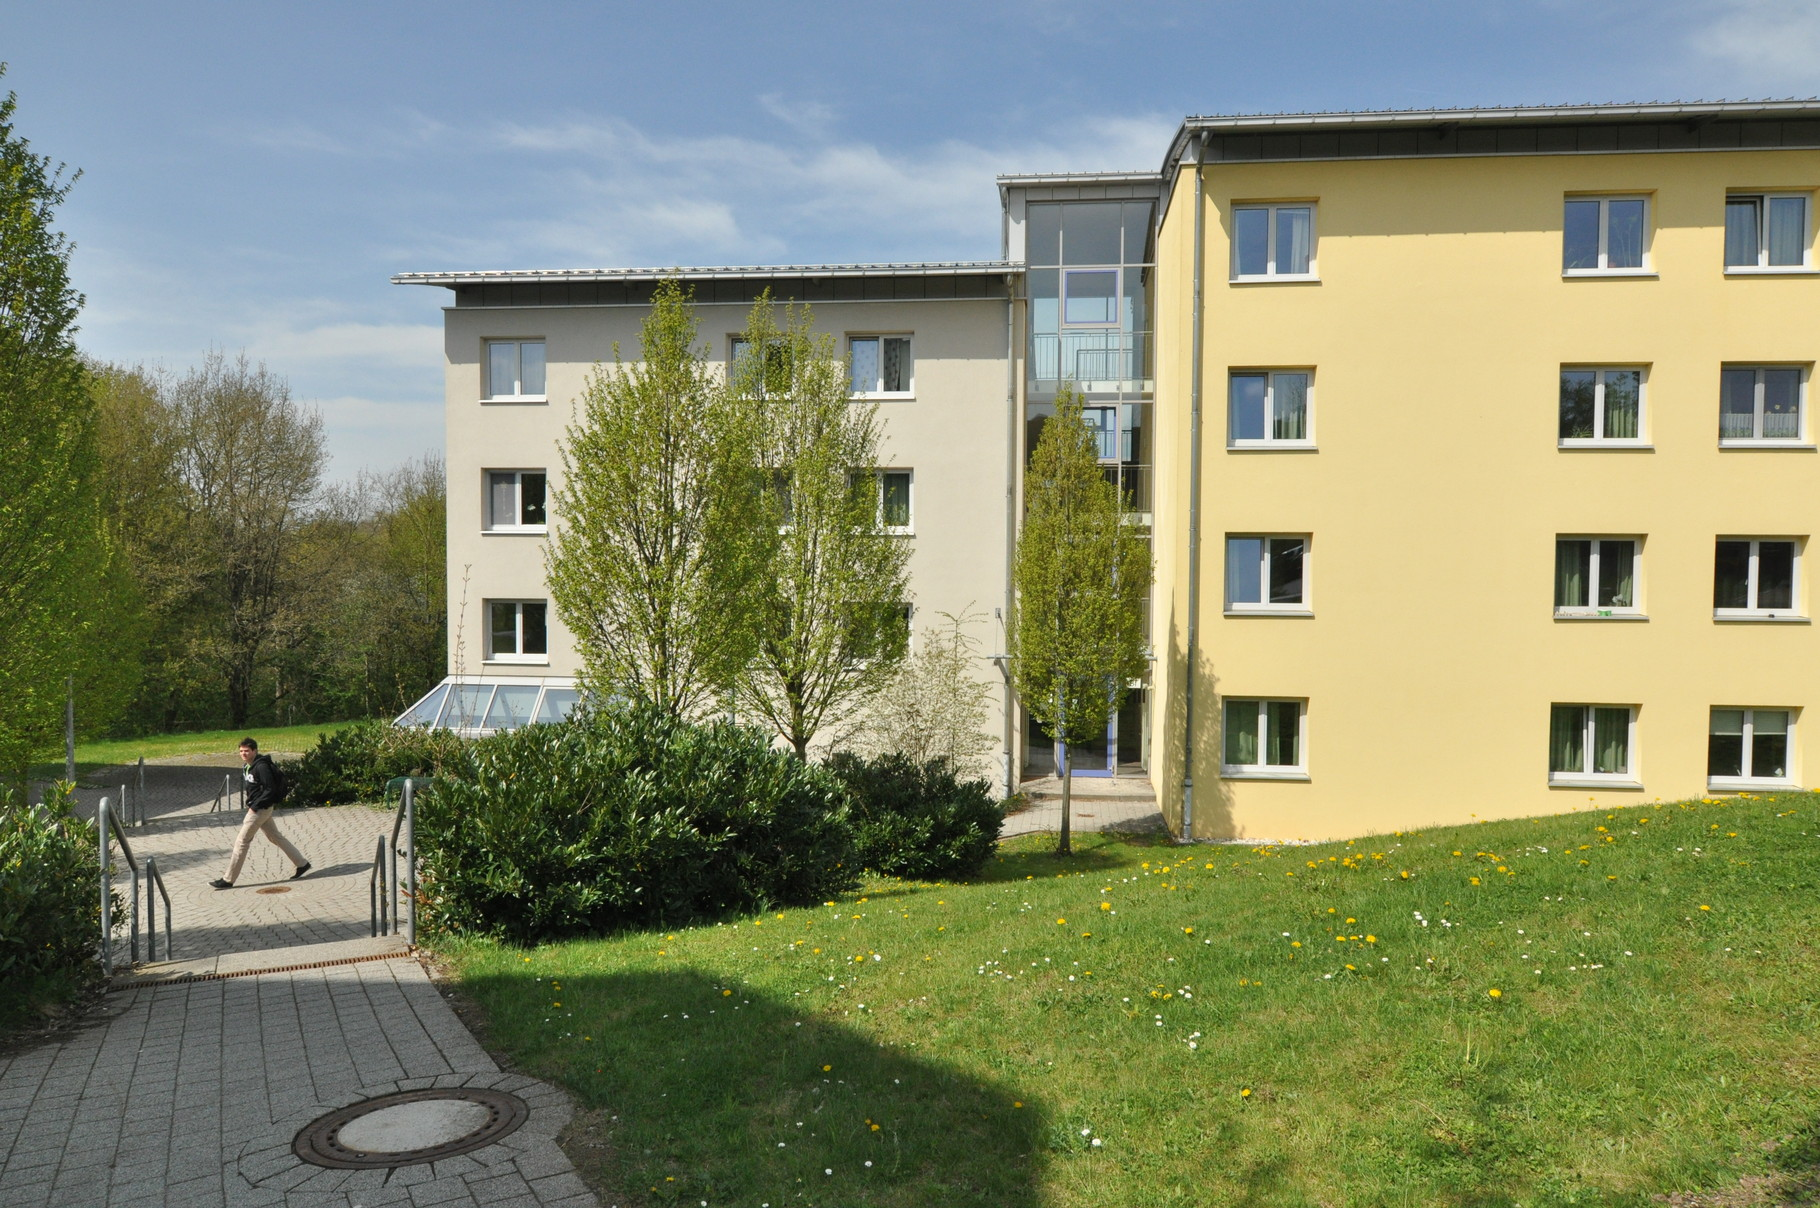 Haus VIII - Quelle: Studiwerk Trier